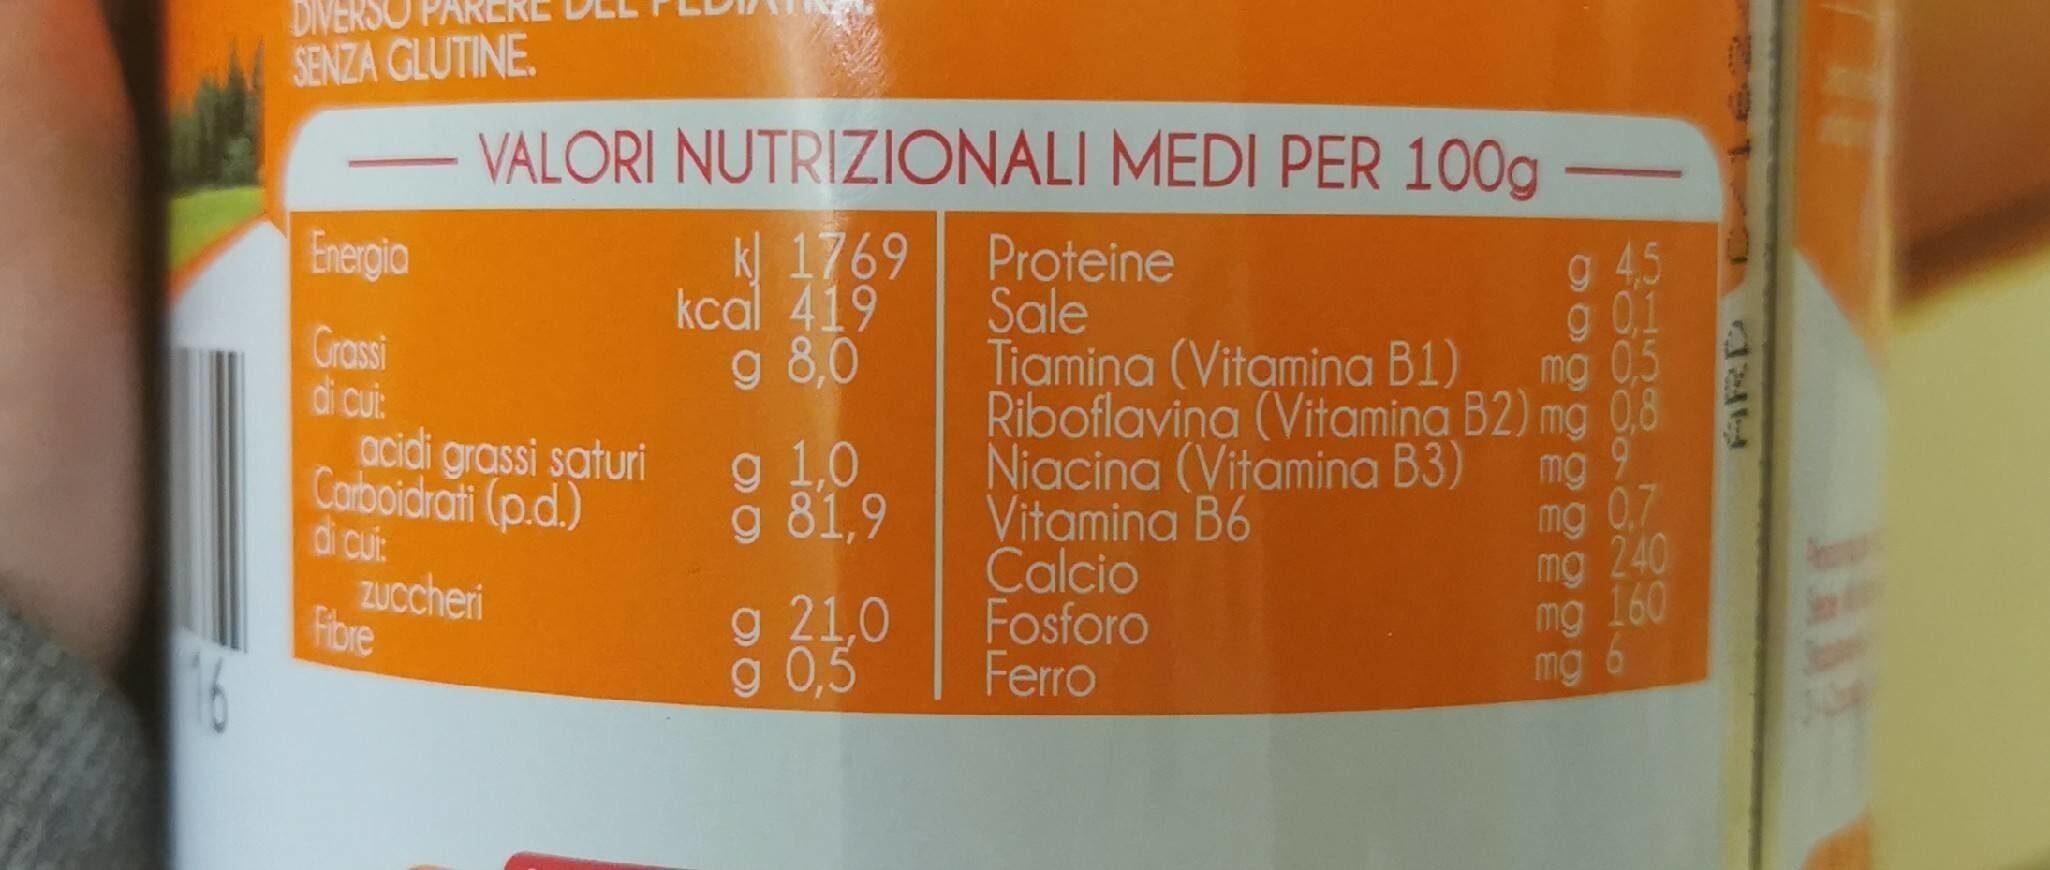 Plasmon biscottino - Nutrition facts